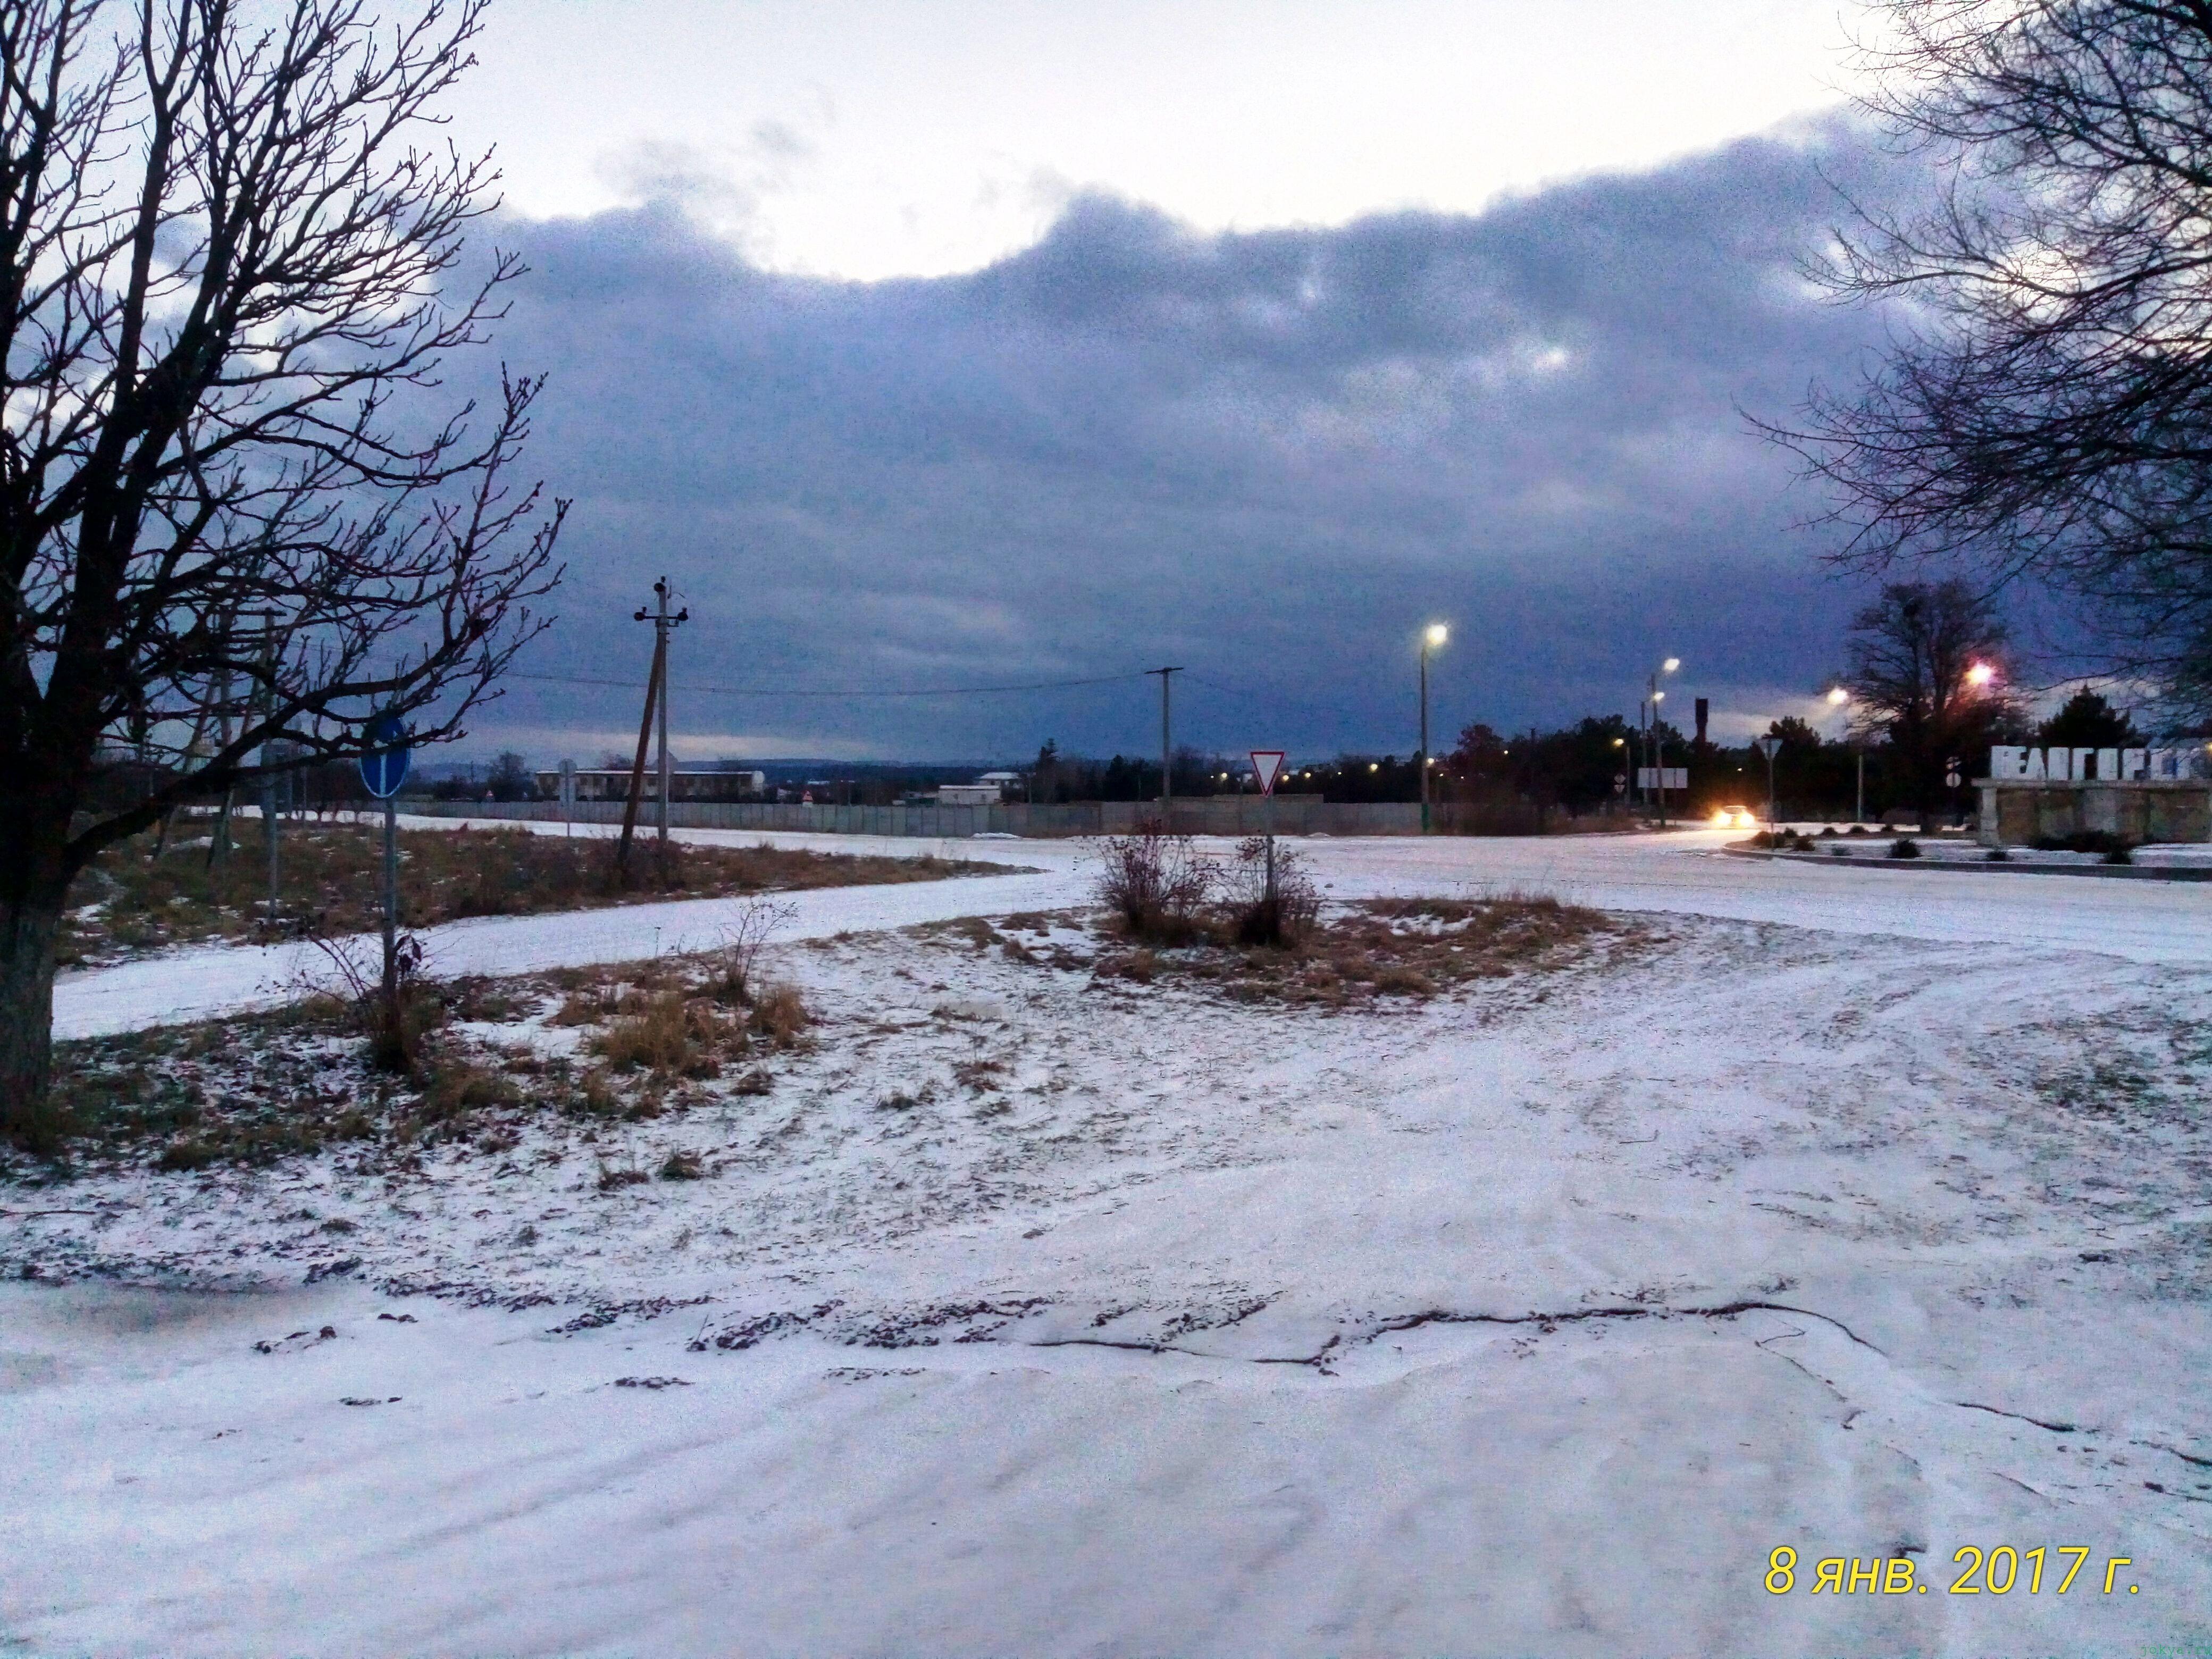 Утро сегодня в Белогорске: циклон над городом фото заметка из моей реальности в Крыму jokya.ru